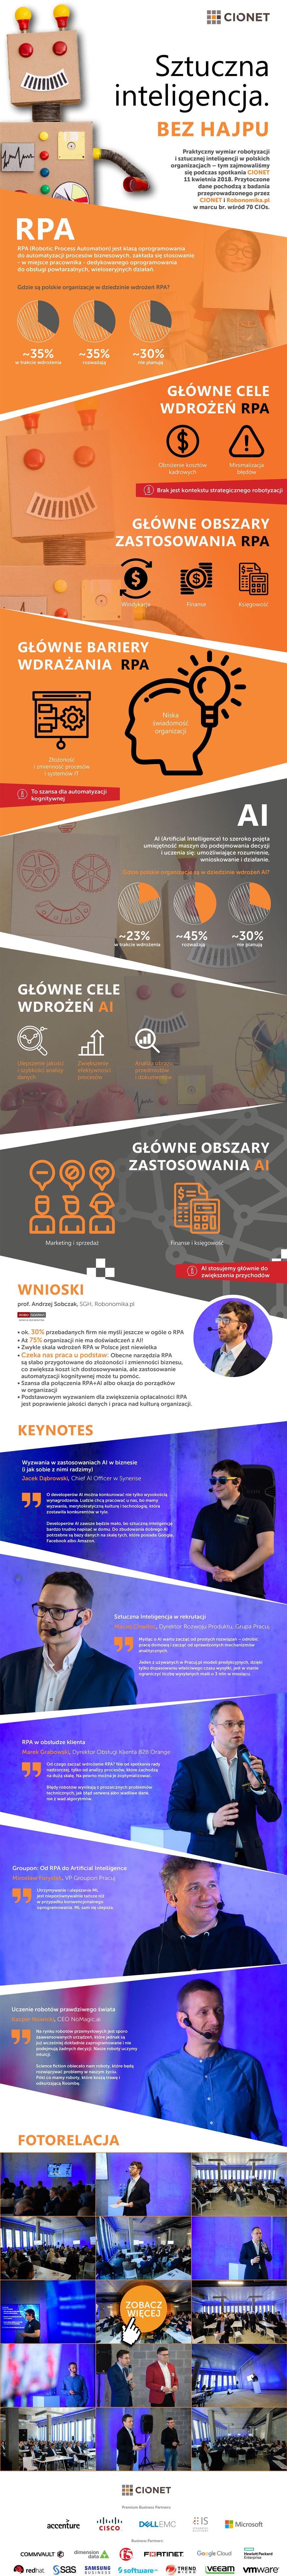 infografika RPA i AI CIONET Polska